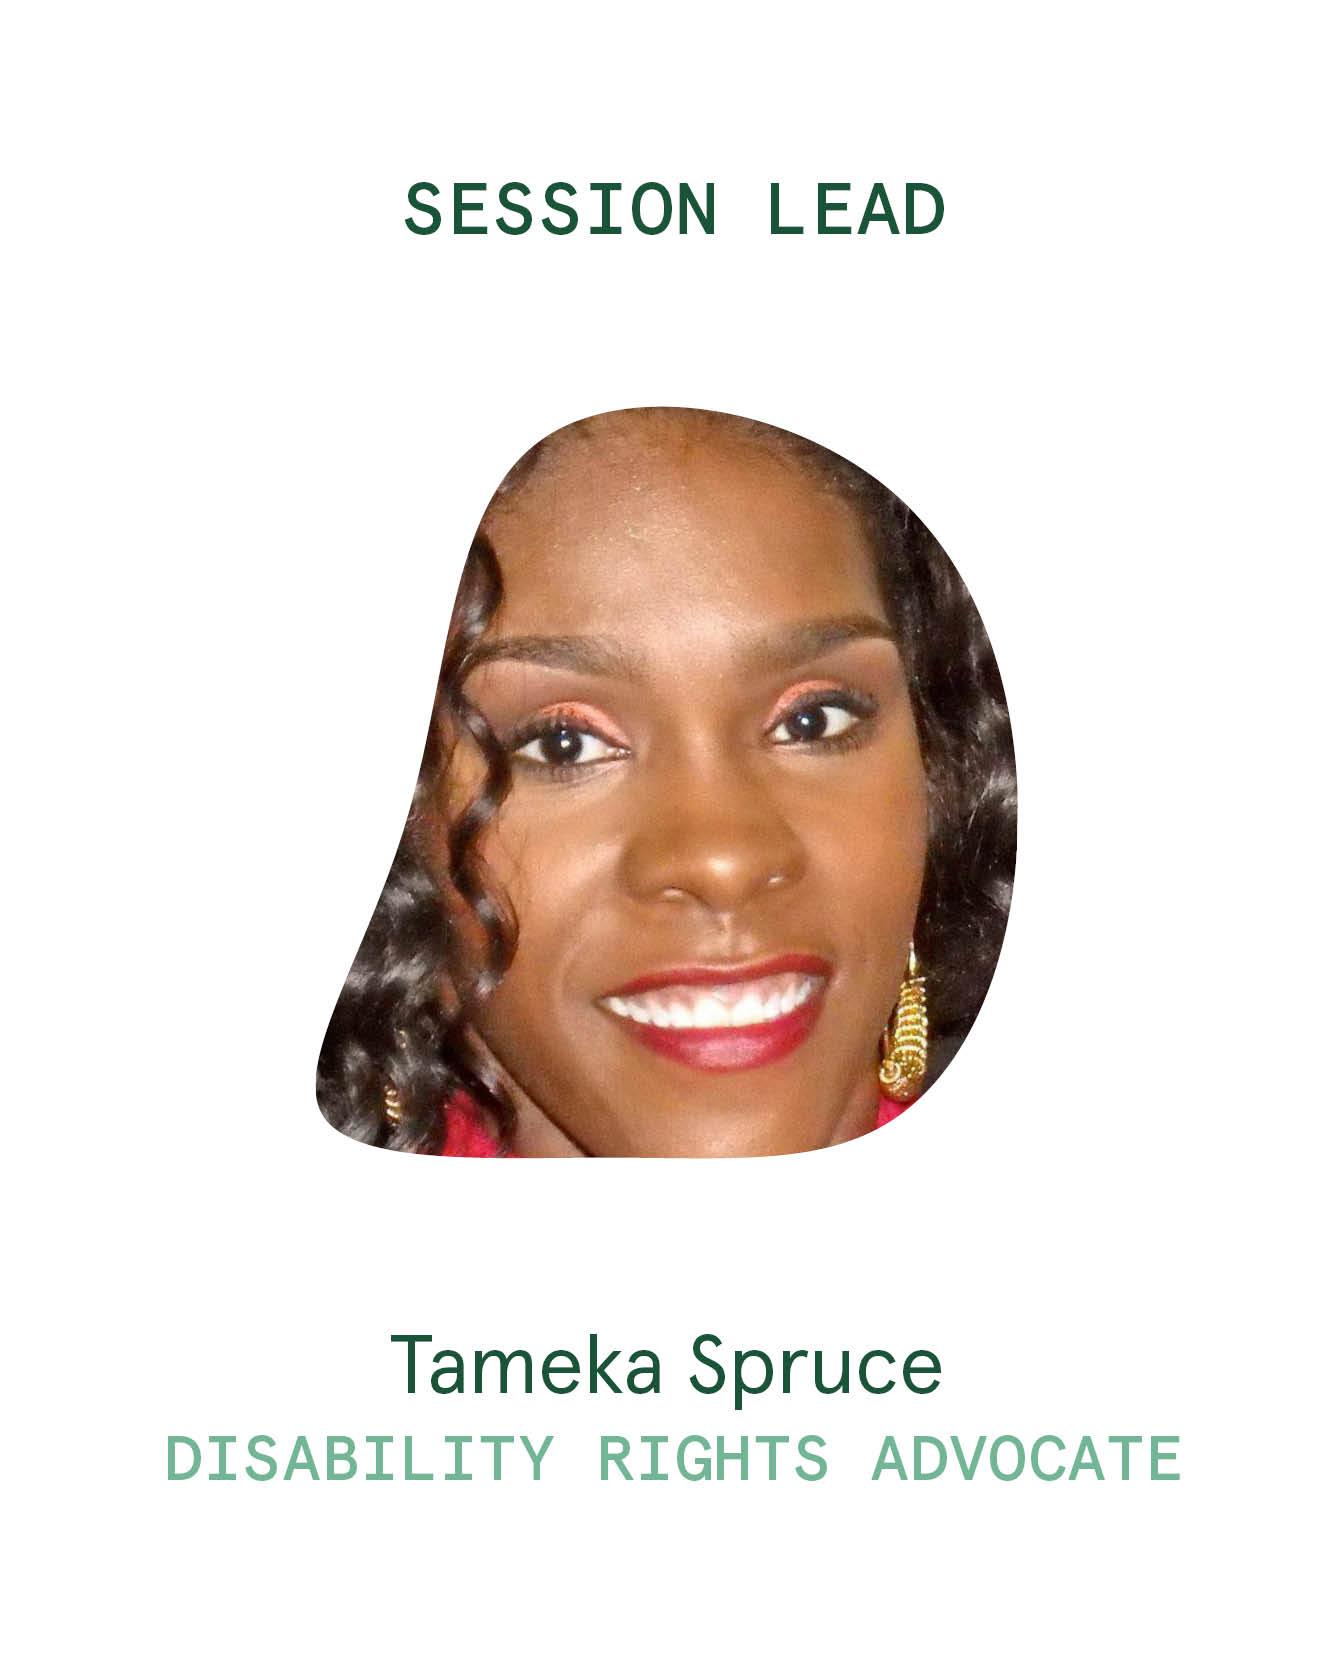 Session Lead_Tameka Spruce